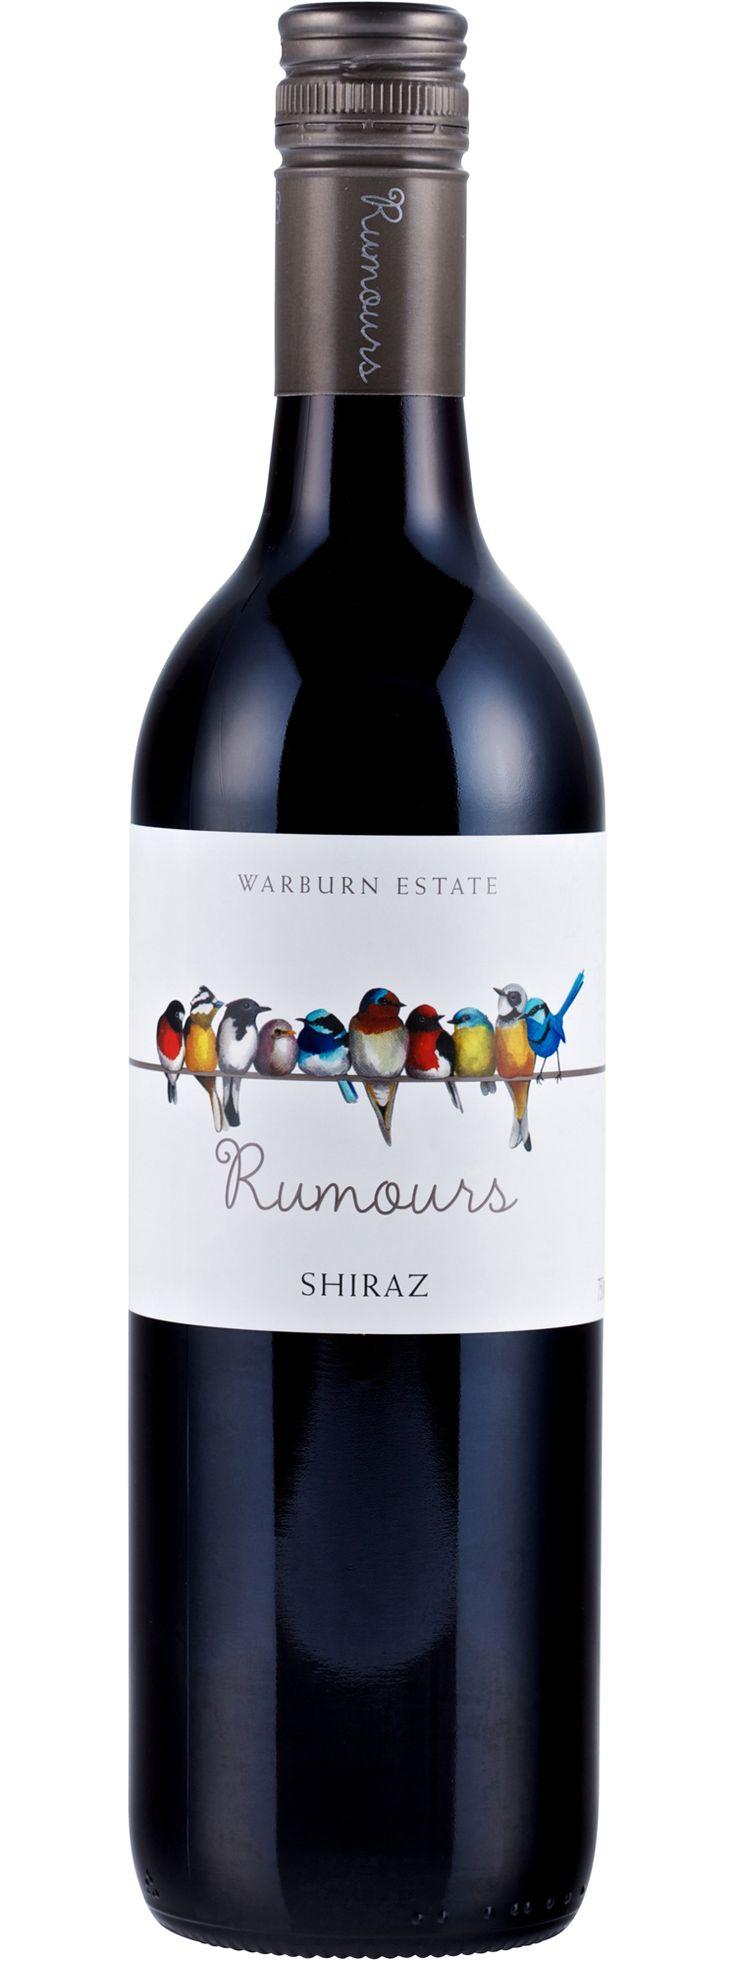 Etiqueta de vino #WineLovers #Wine #Vino #VinoTinto #AmarasElVino #Rumours #Syarh